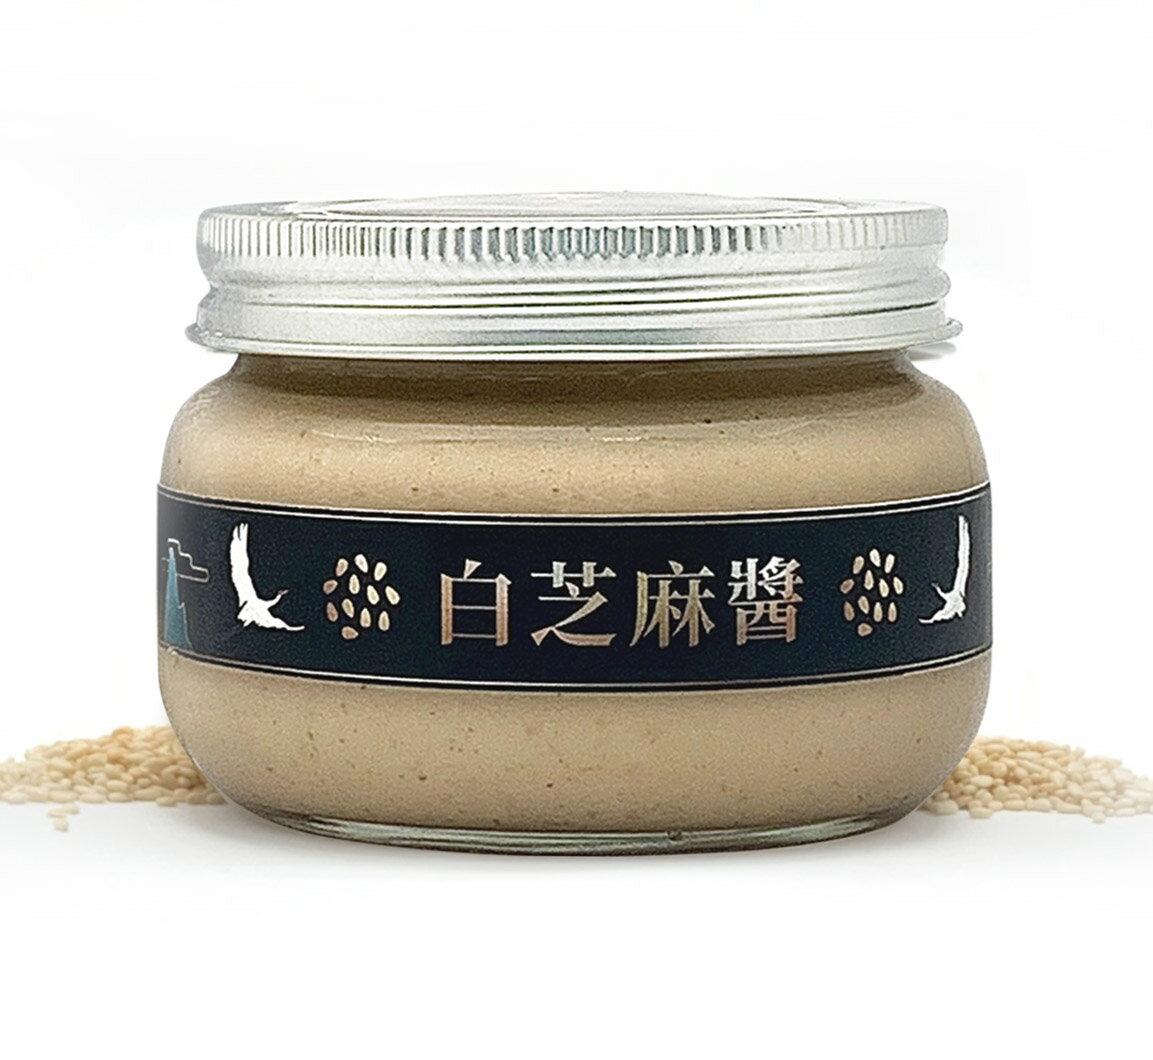 ALL SPLENDID 皇阿瑪-白芝麻醬 300g/ 瓶 (1入) 拌麵醬 涼麵醬 饅頭醬 吐司抹醬 麵包抹醬 火鍋調料 麻醬調料 牛奶...